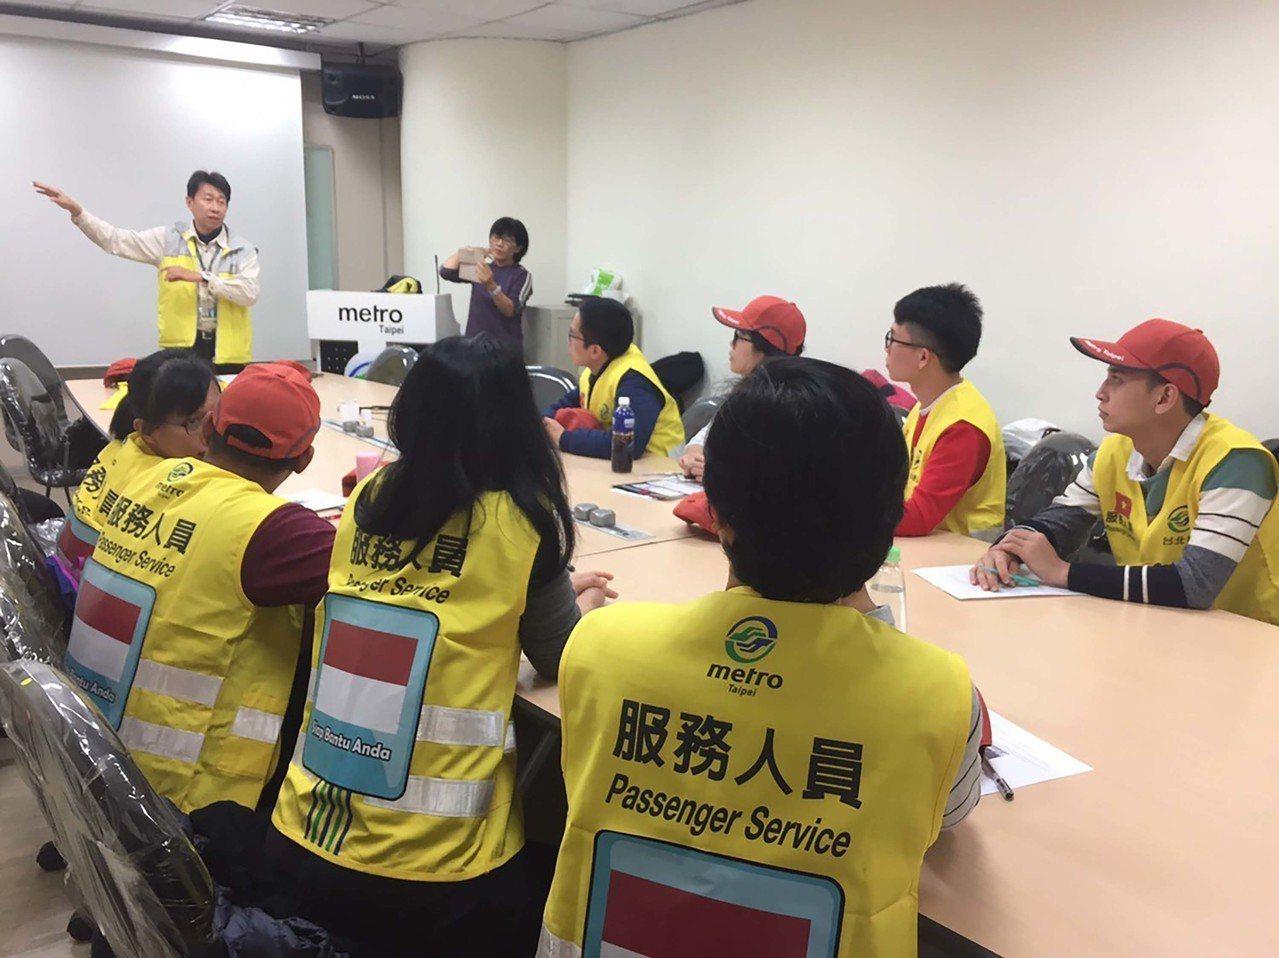 由於東南亞移工及旅客參與跨年人數倍增,今年首度有精通中文的印尼、越南籍移工擔任外...